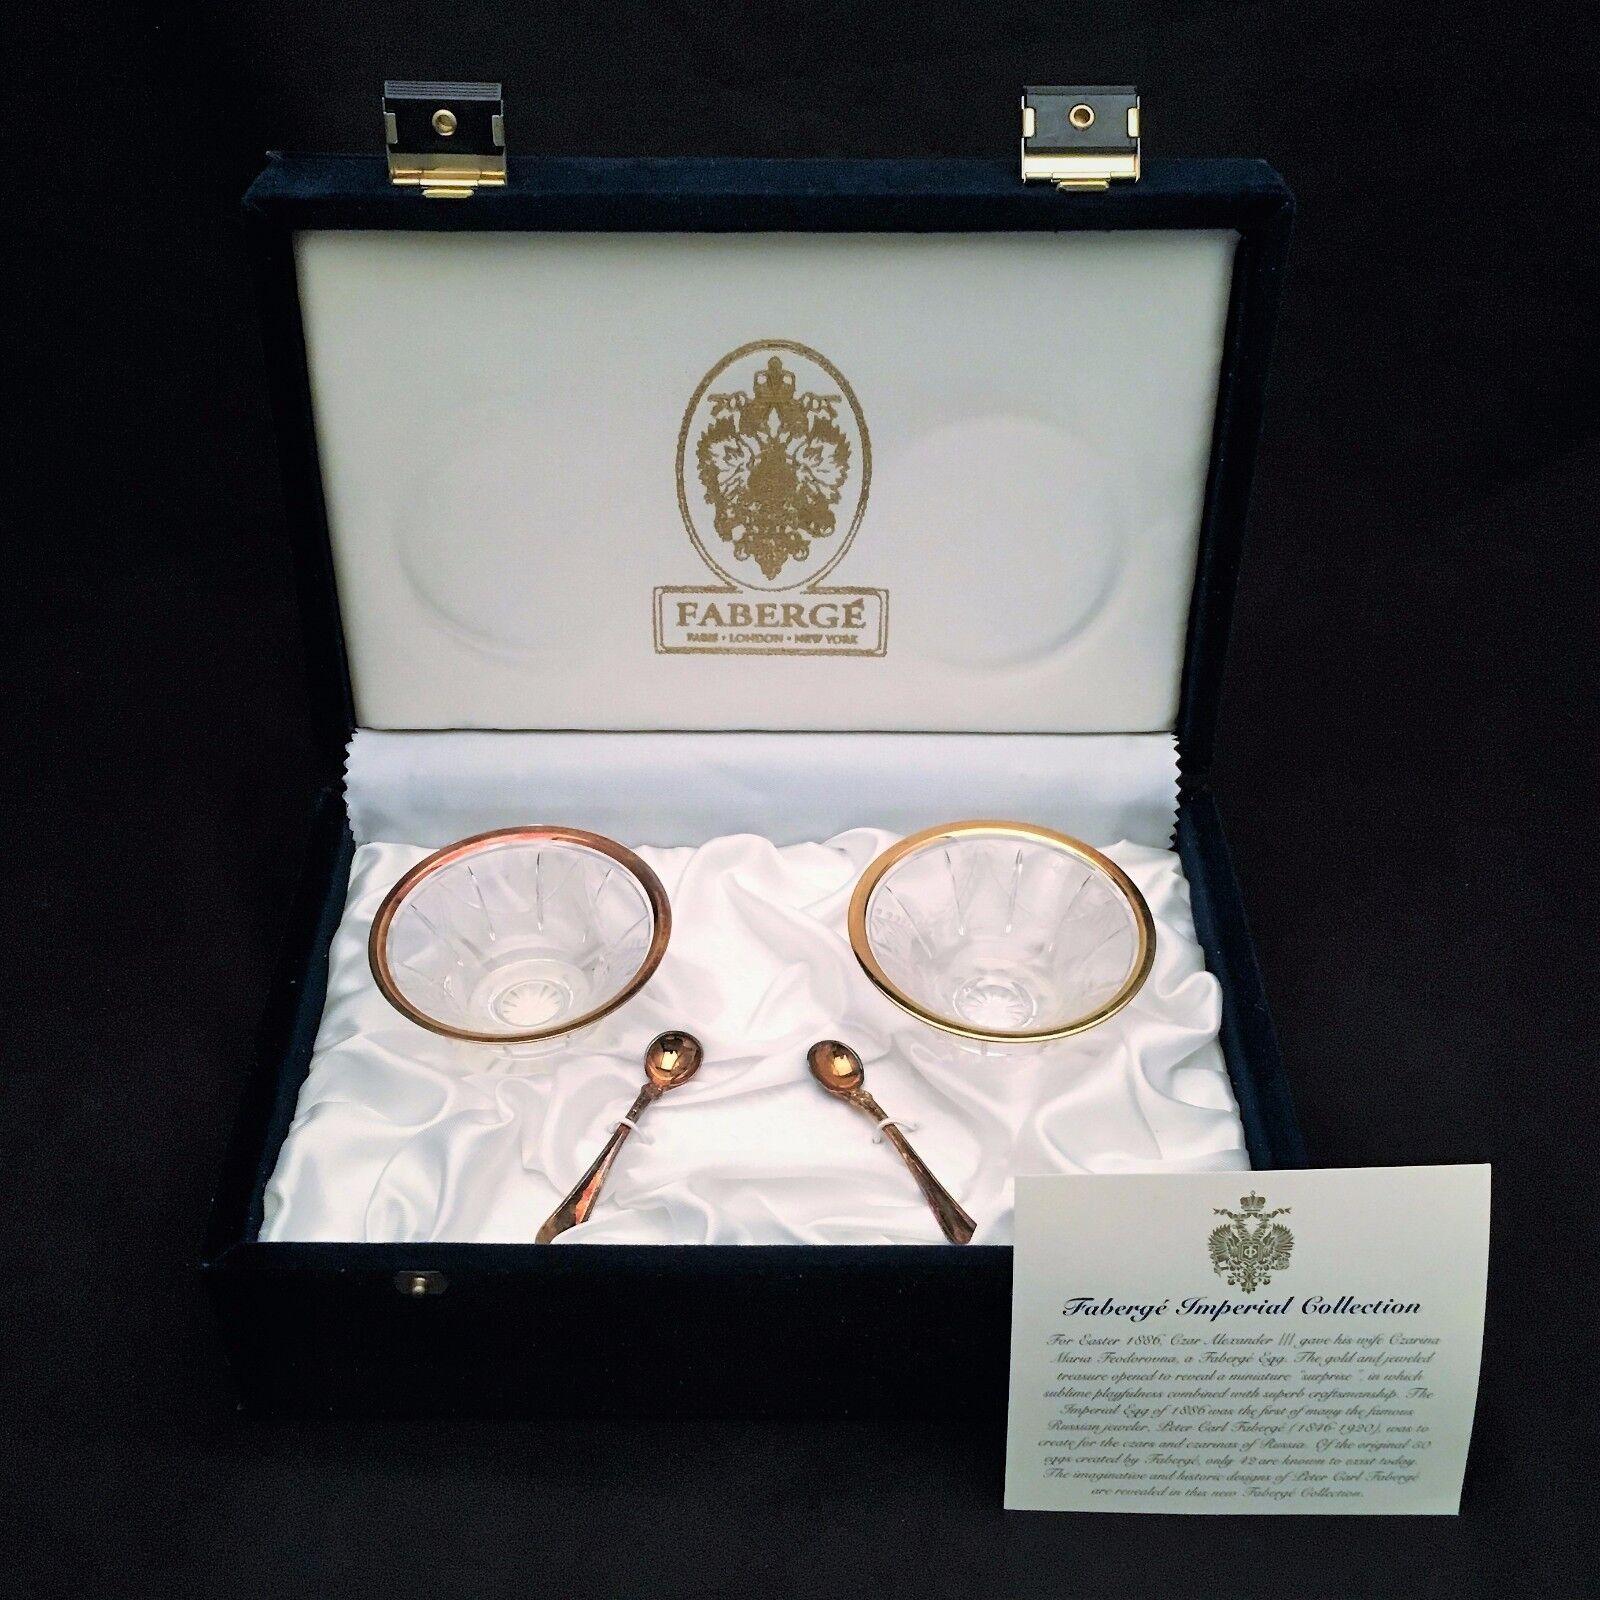 Faberge Cristal Salero par con libra esterlina cuchara Nuevo En Caja